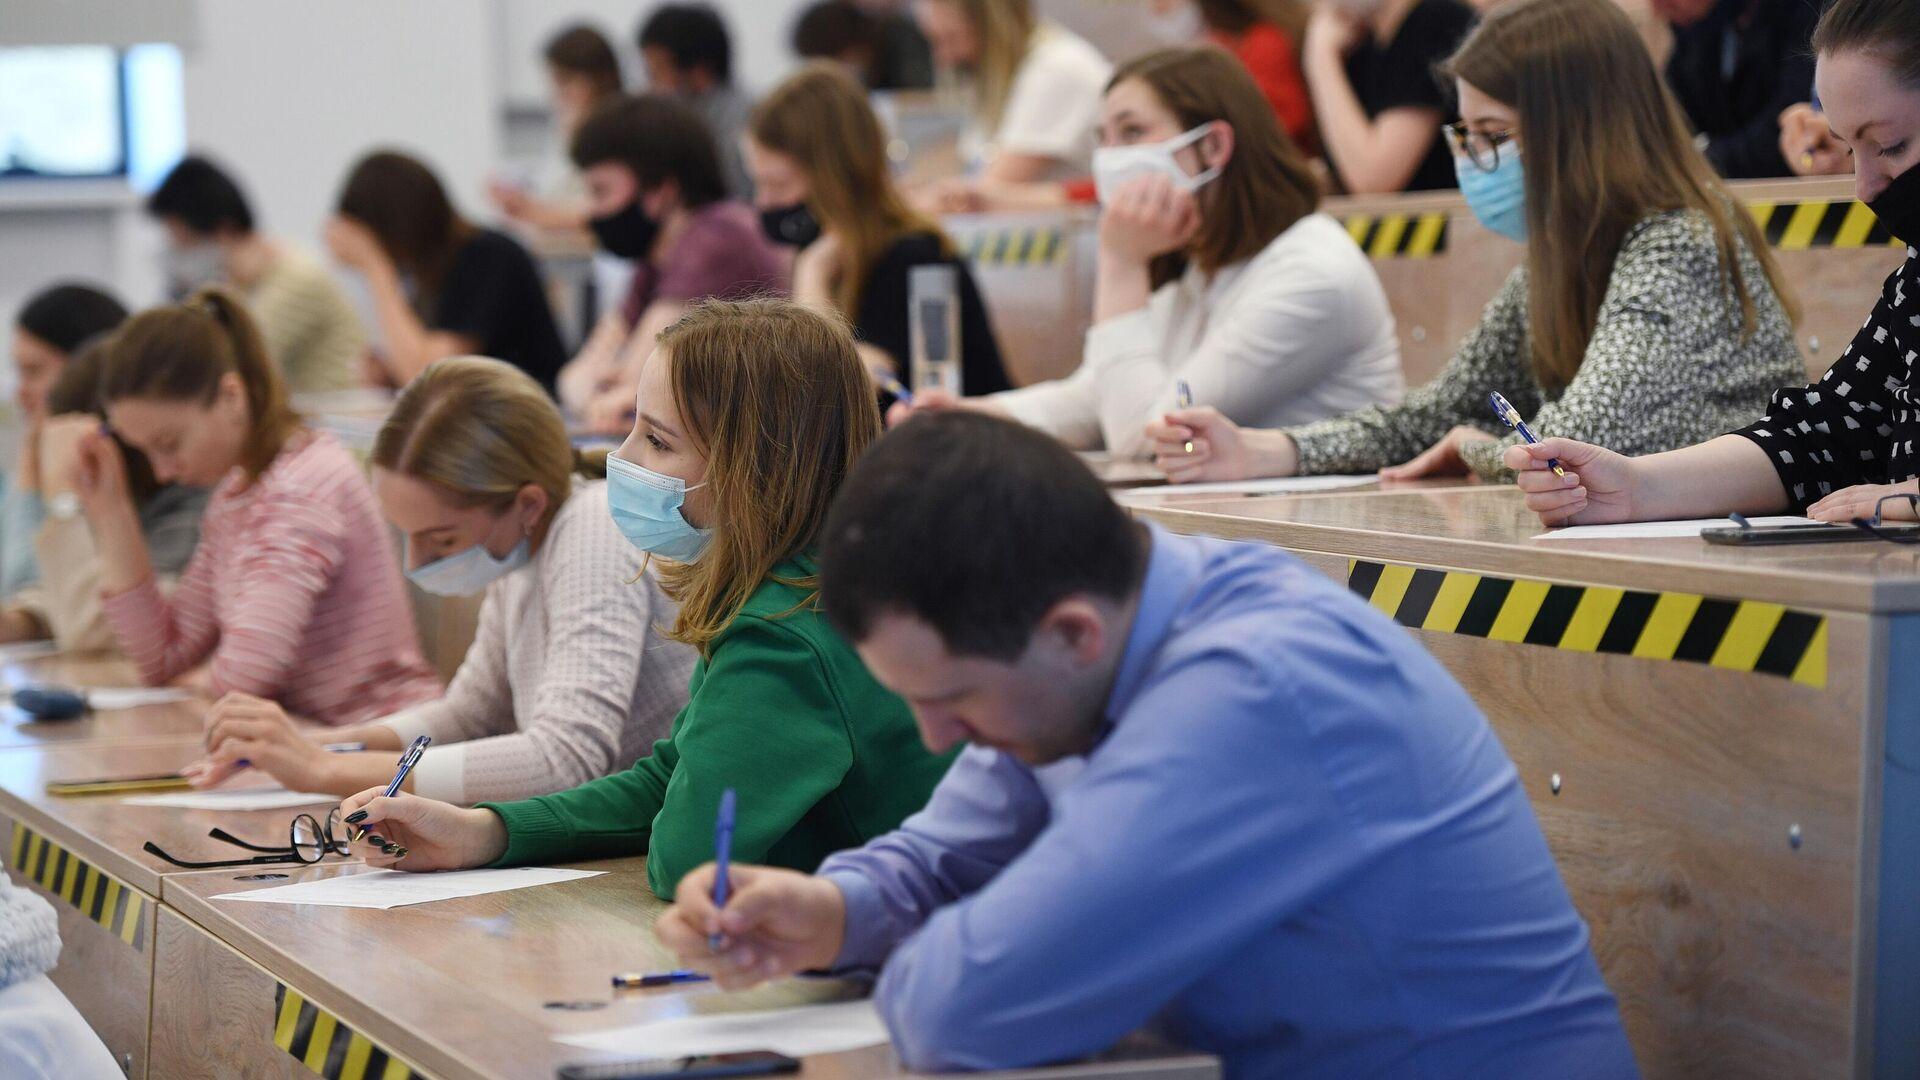 Участники во время ежегодной акции по проверке грамотности Тотальный диктант-2021 в Новосибирском государственном университете - РИА Новости, 1920, 12.04.2021